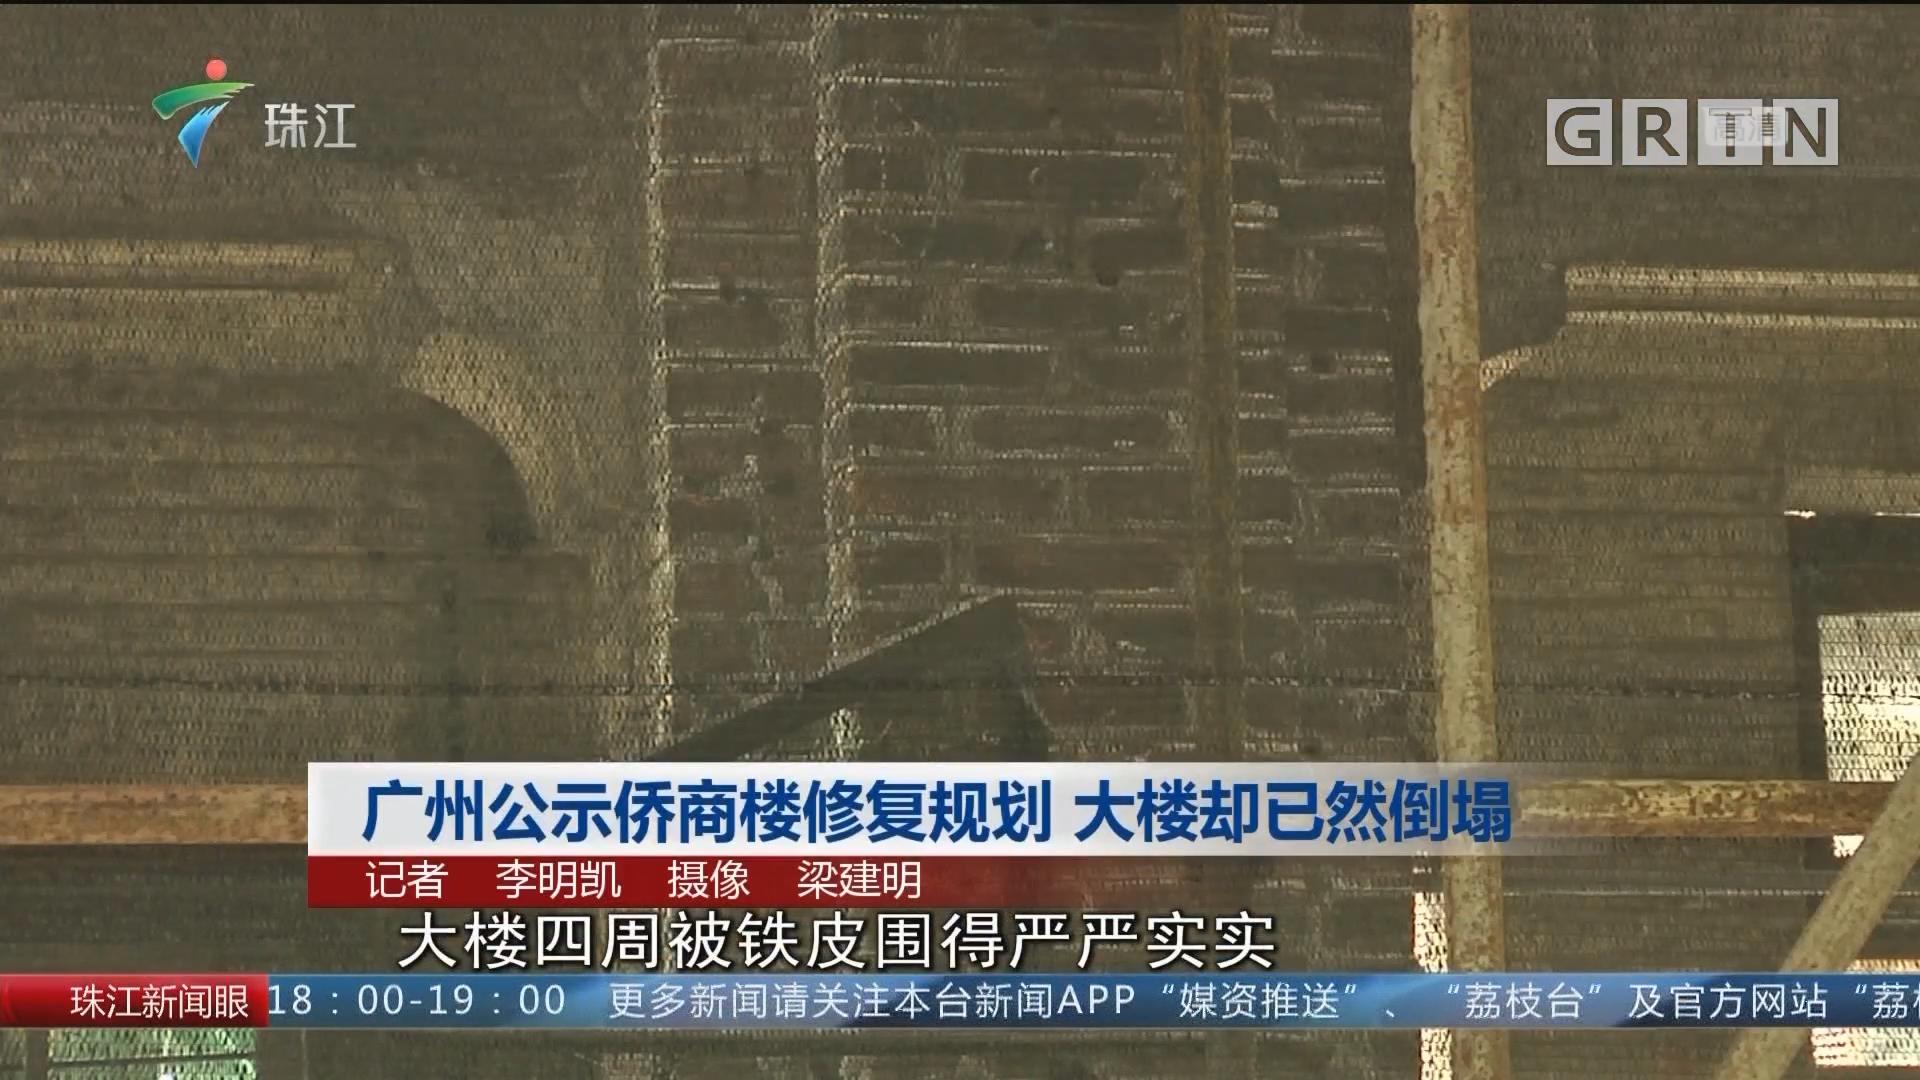 广州公示侨商楼修复规划 大楼却已然倒塌